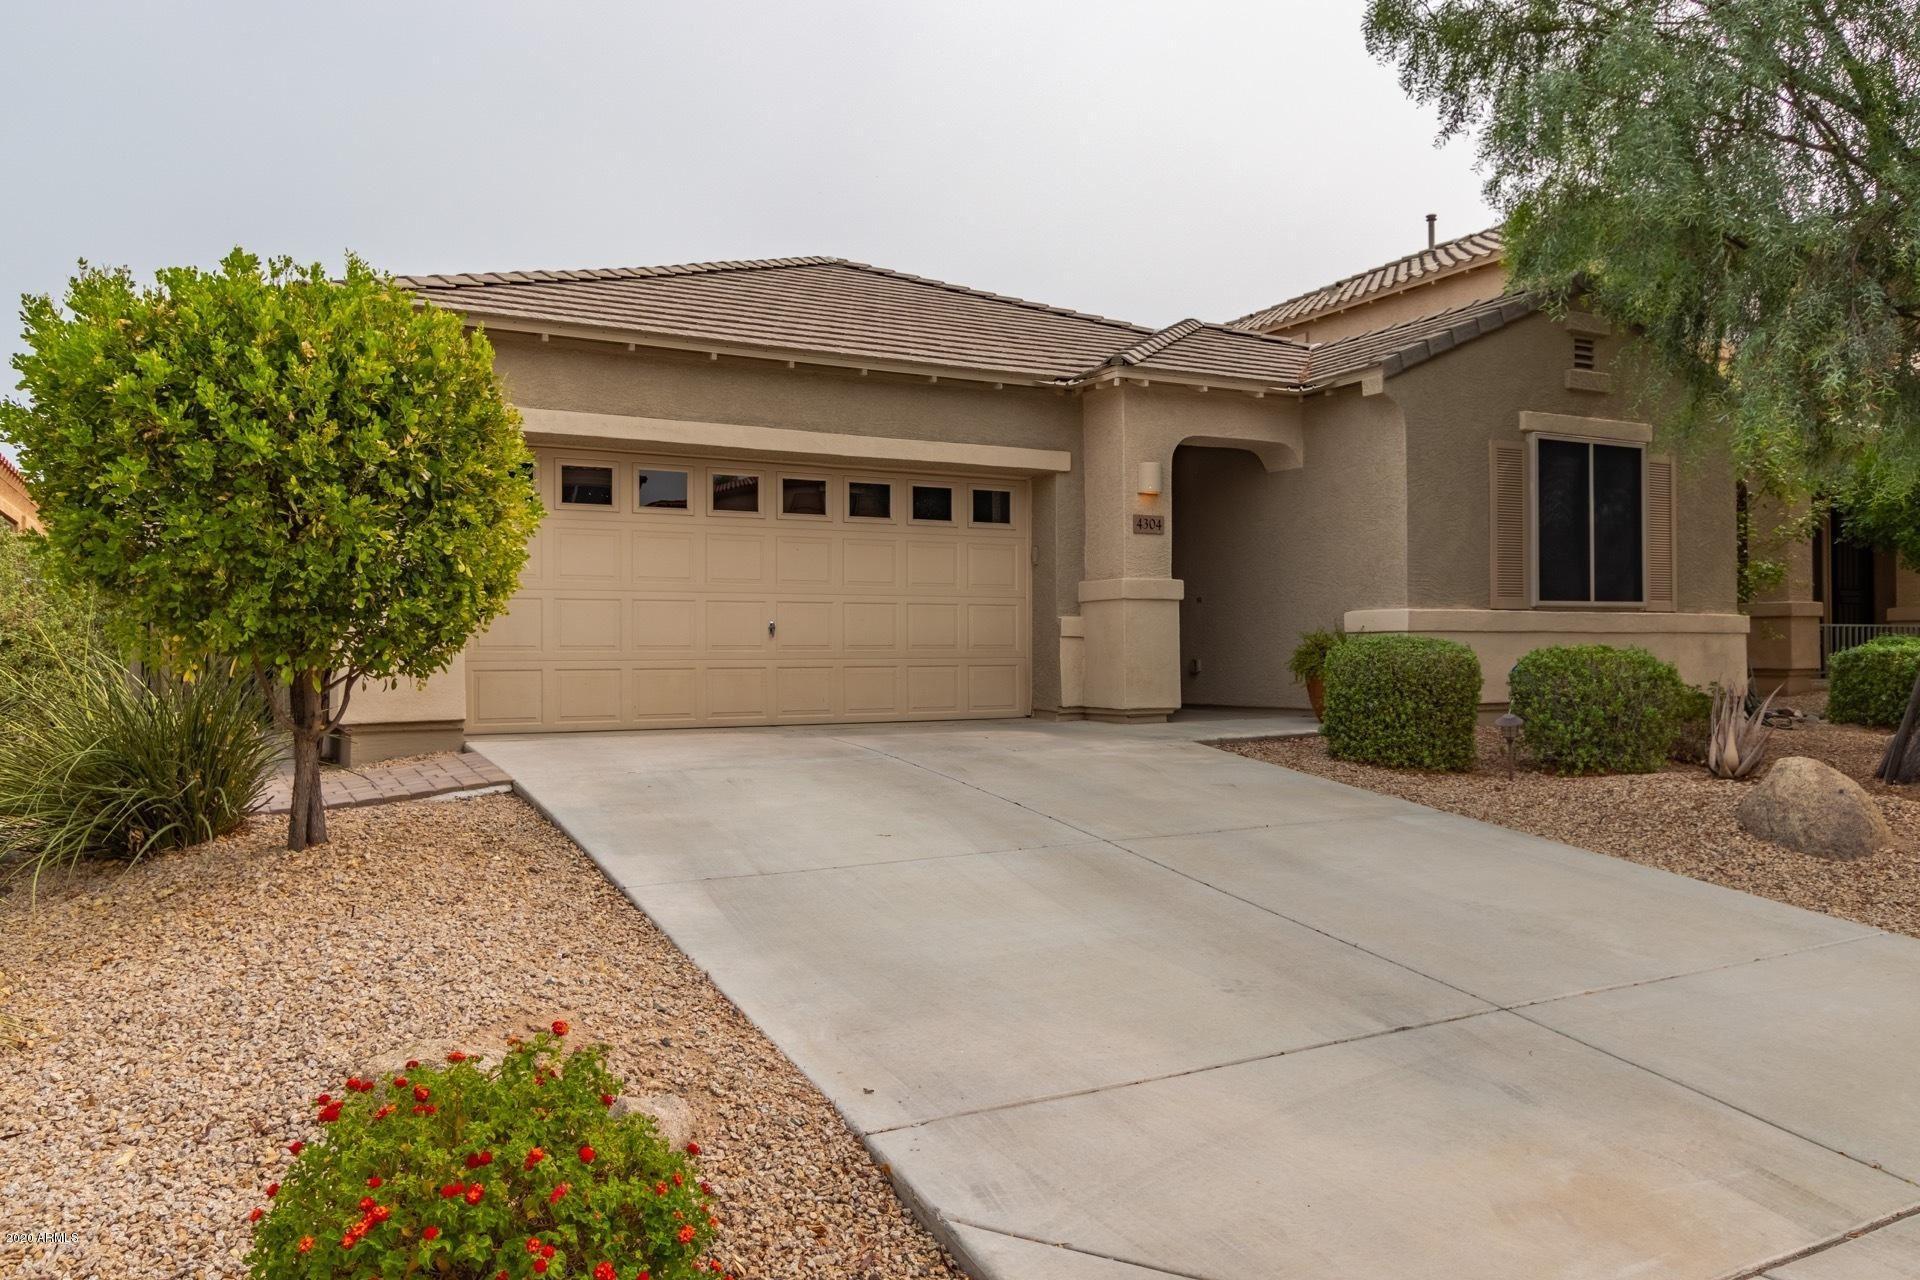 4304 E VISTA BONITA Drive, Phoenix, AZ 85050 - MLS#: 6131495